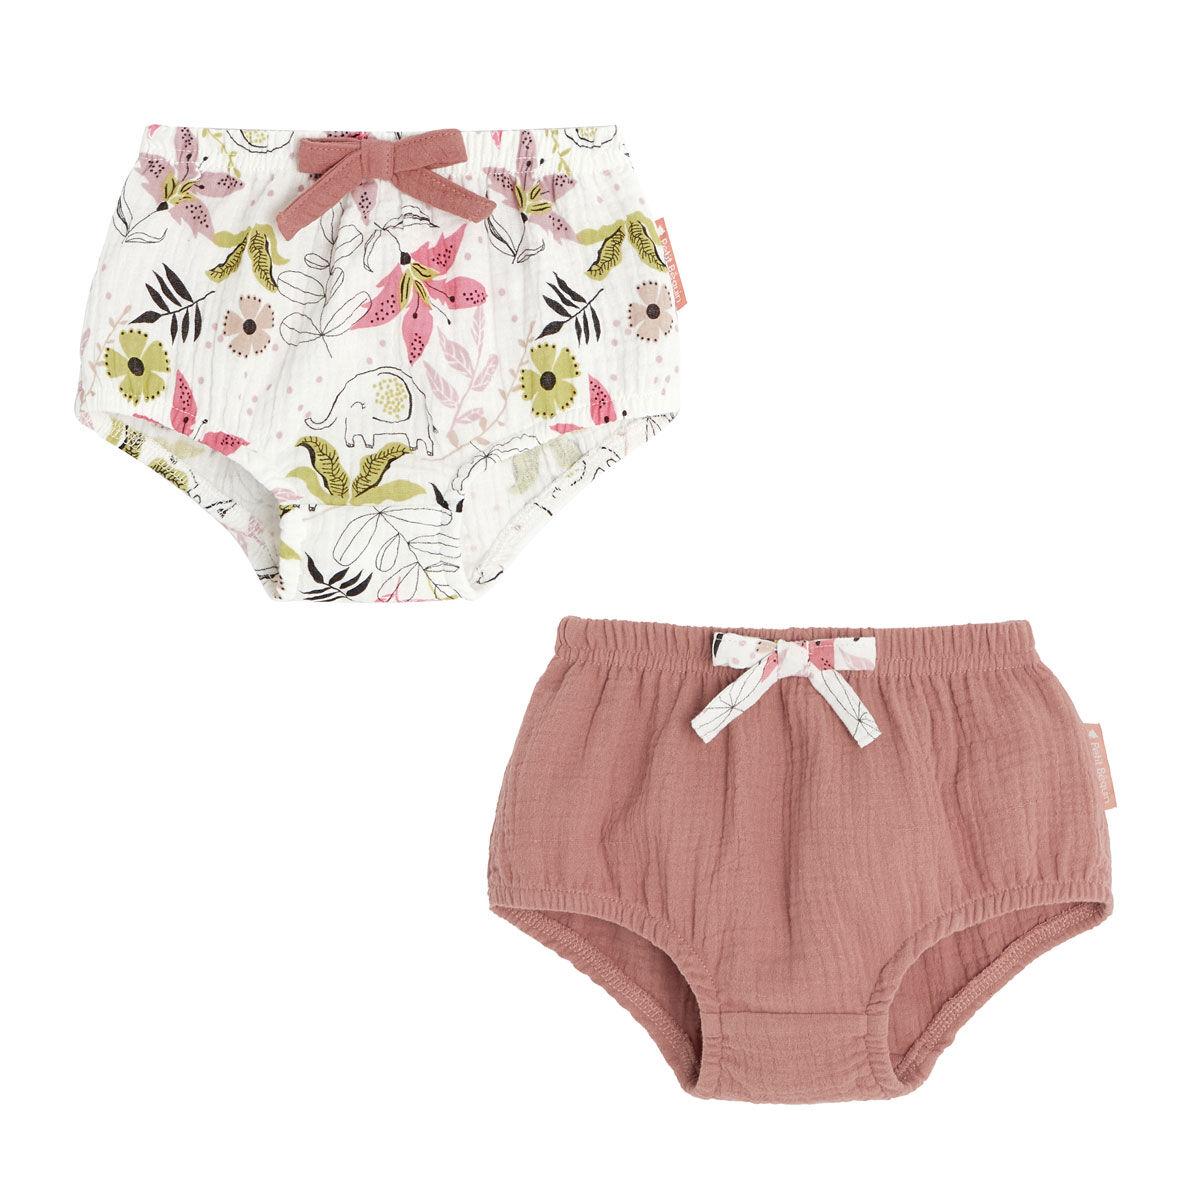 Petit Béguin Lot de 2 culottes bébé fille Singapour - Taille - 9 mois